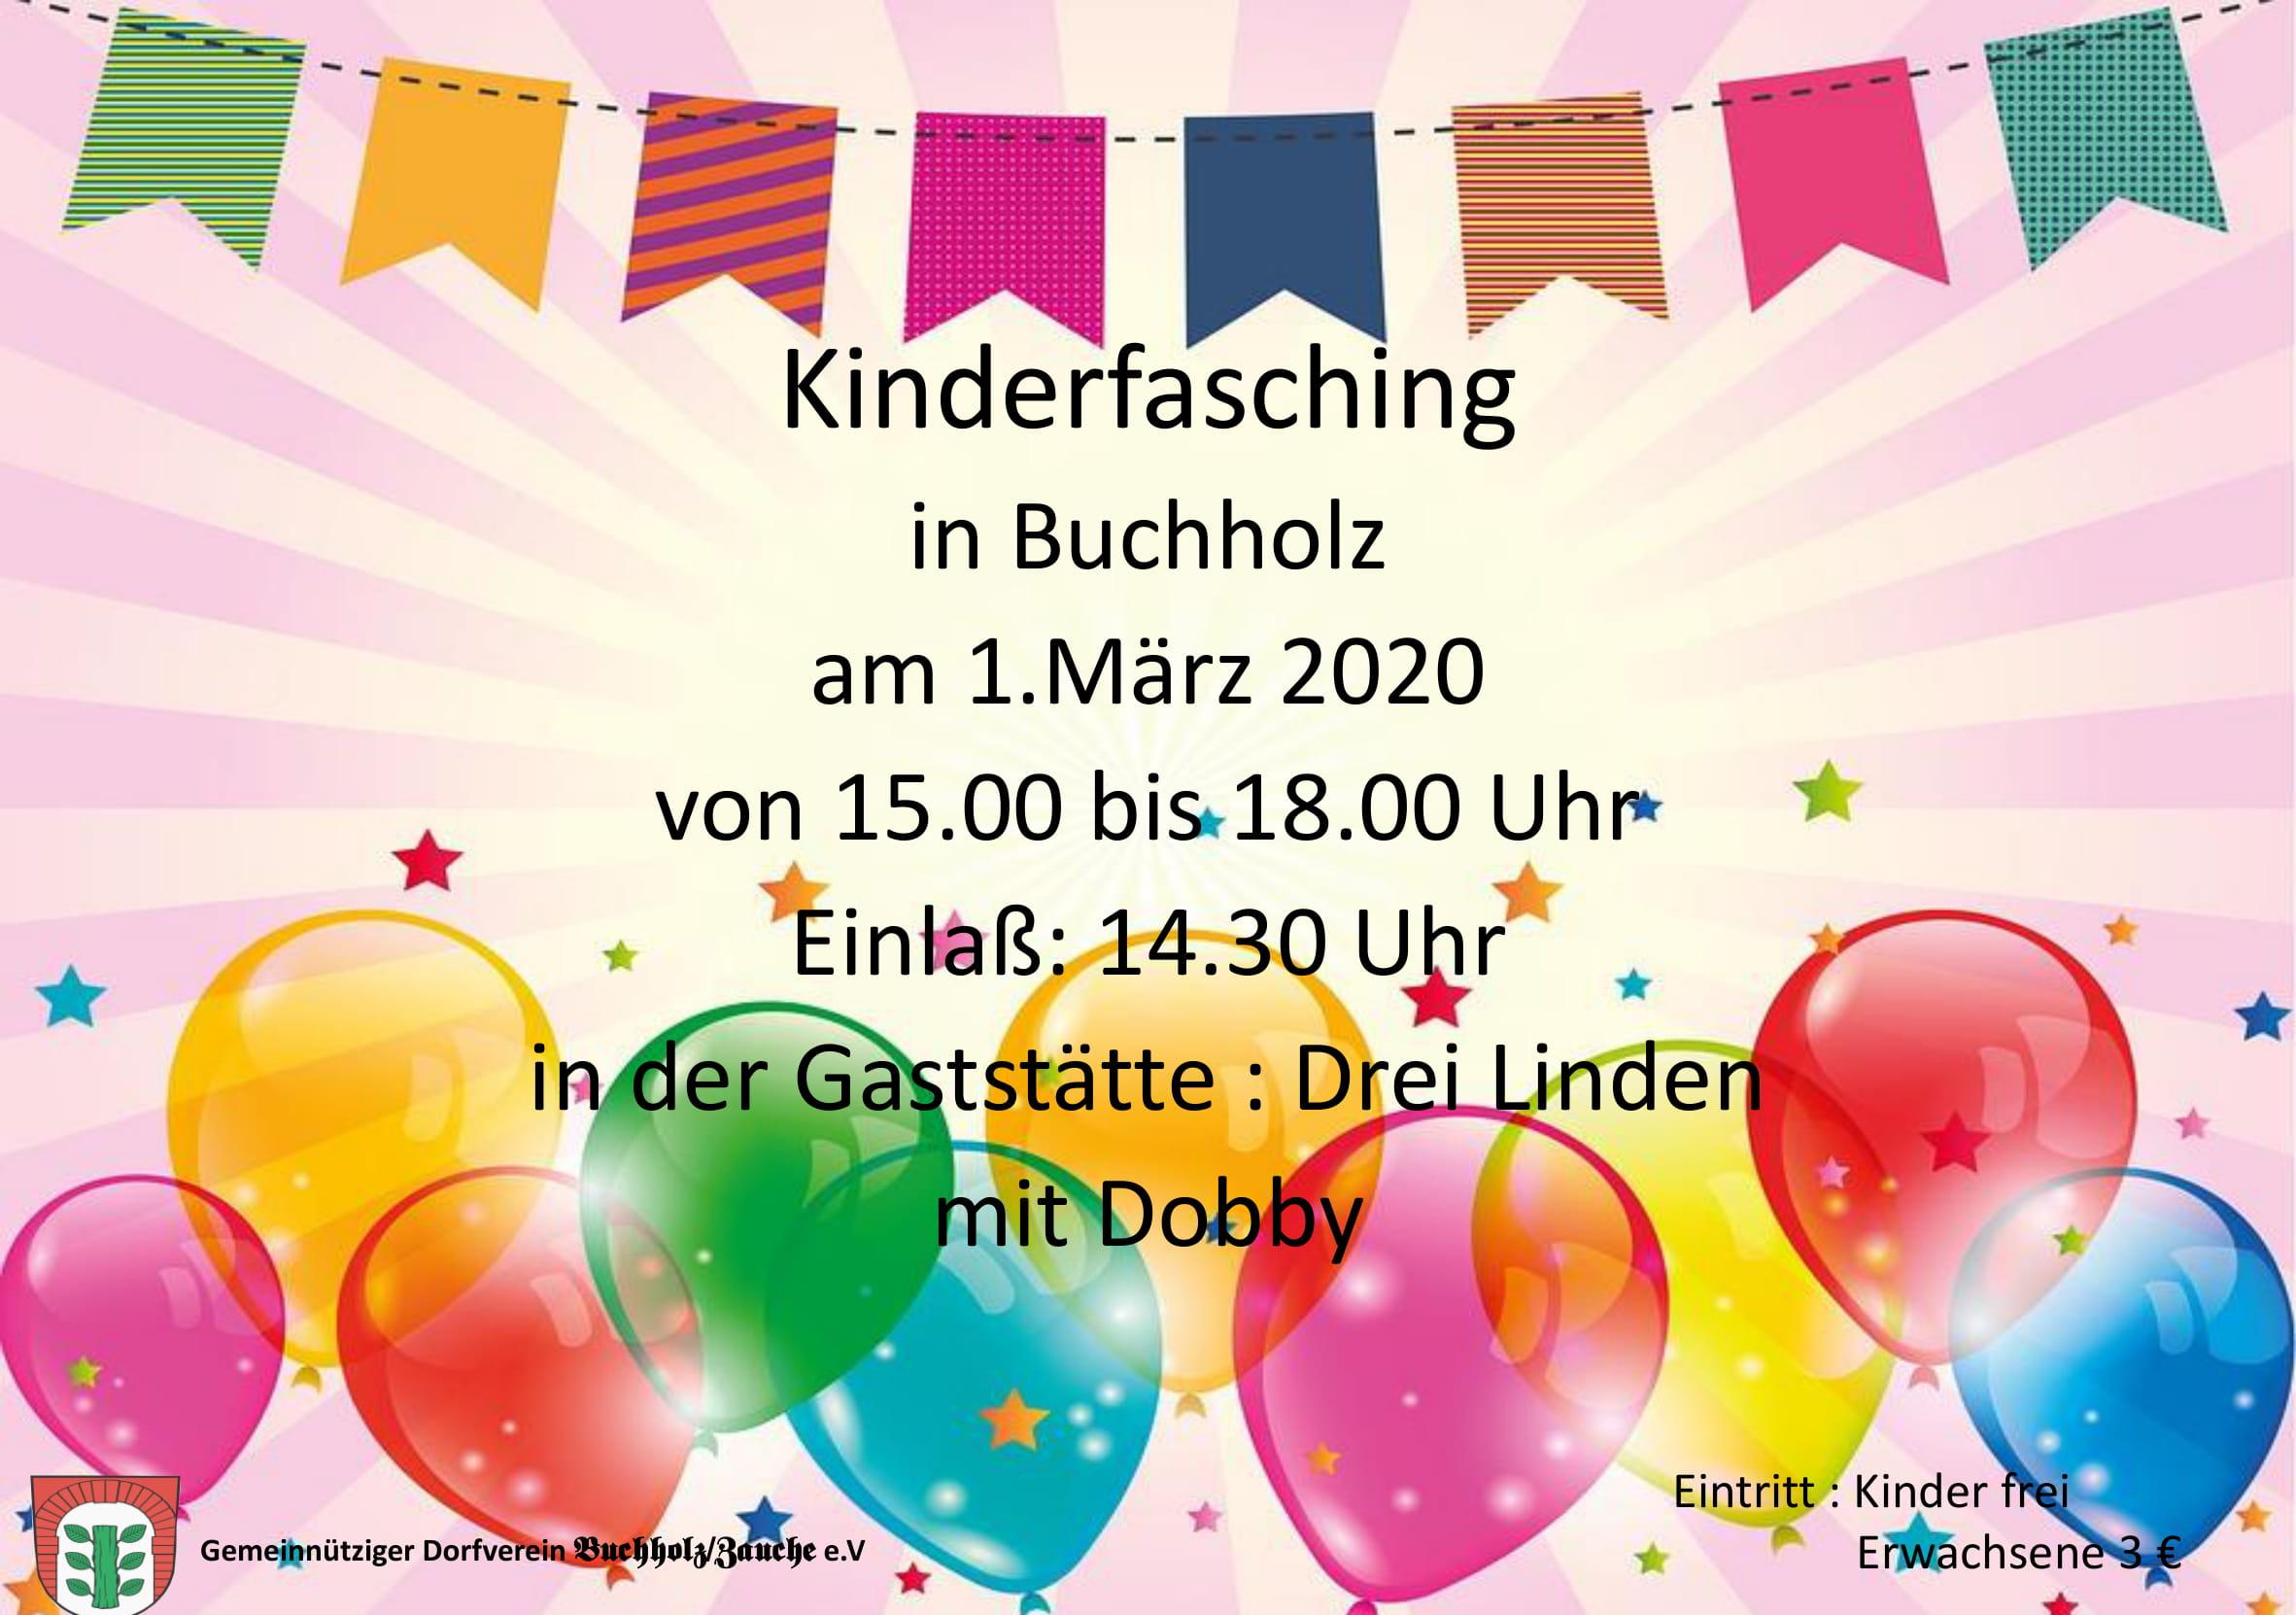 kinderfasching 2020-1 Einladung